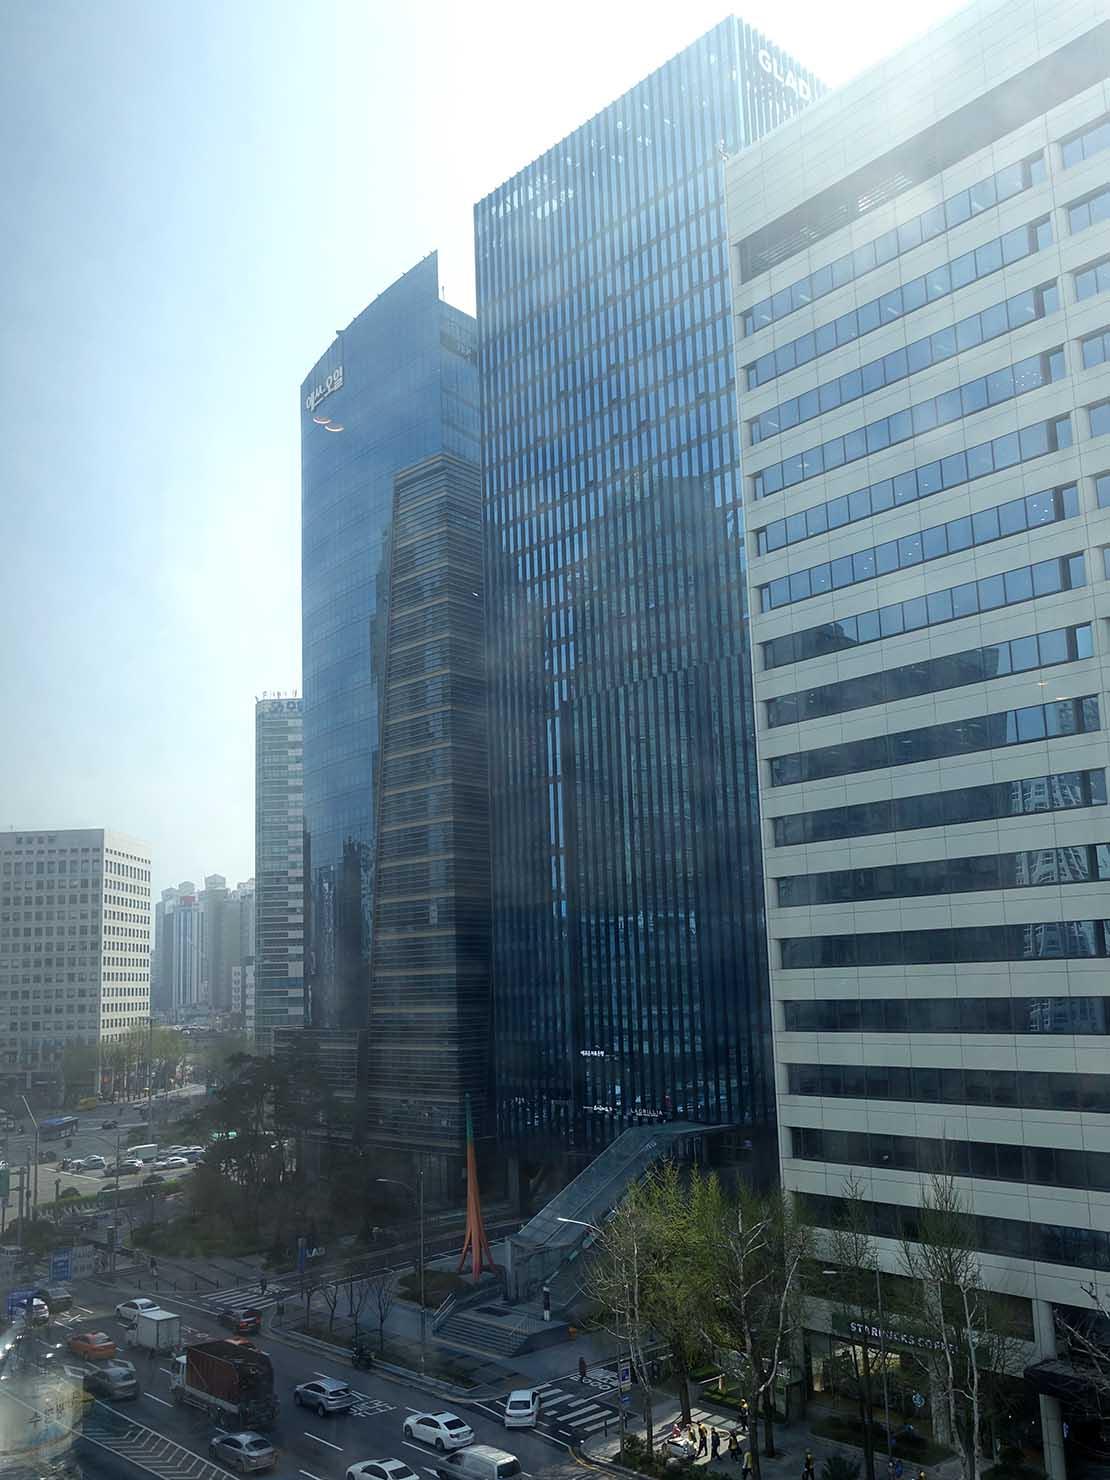 ソウル観光に超便利なアクセス抜群の特2級ホテル「新羅ステイ麻浦 Shilla Stay Mapo」スタンダードツインから見える街並み